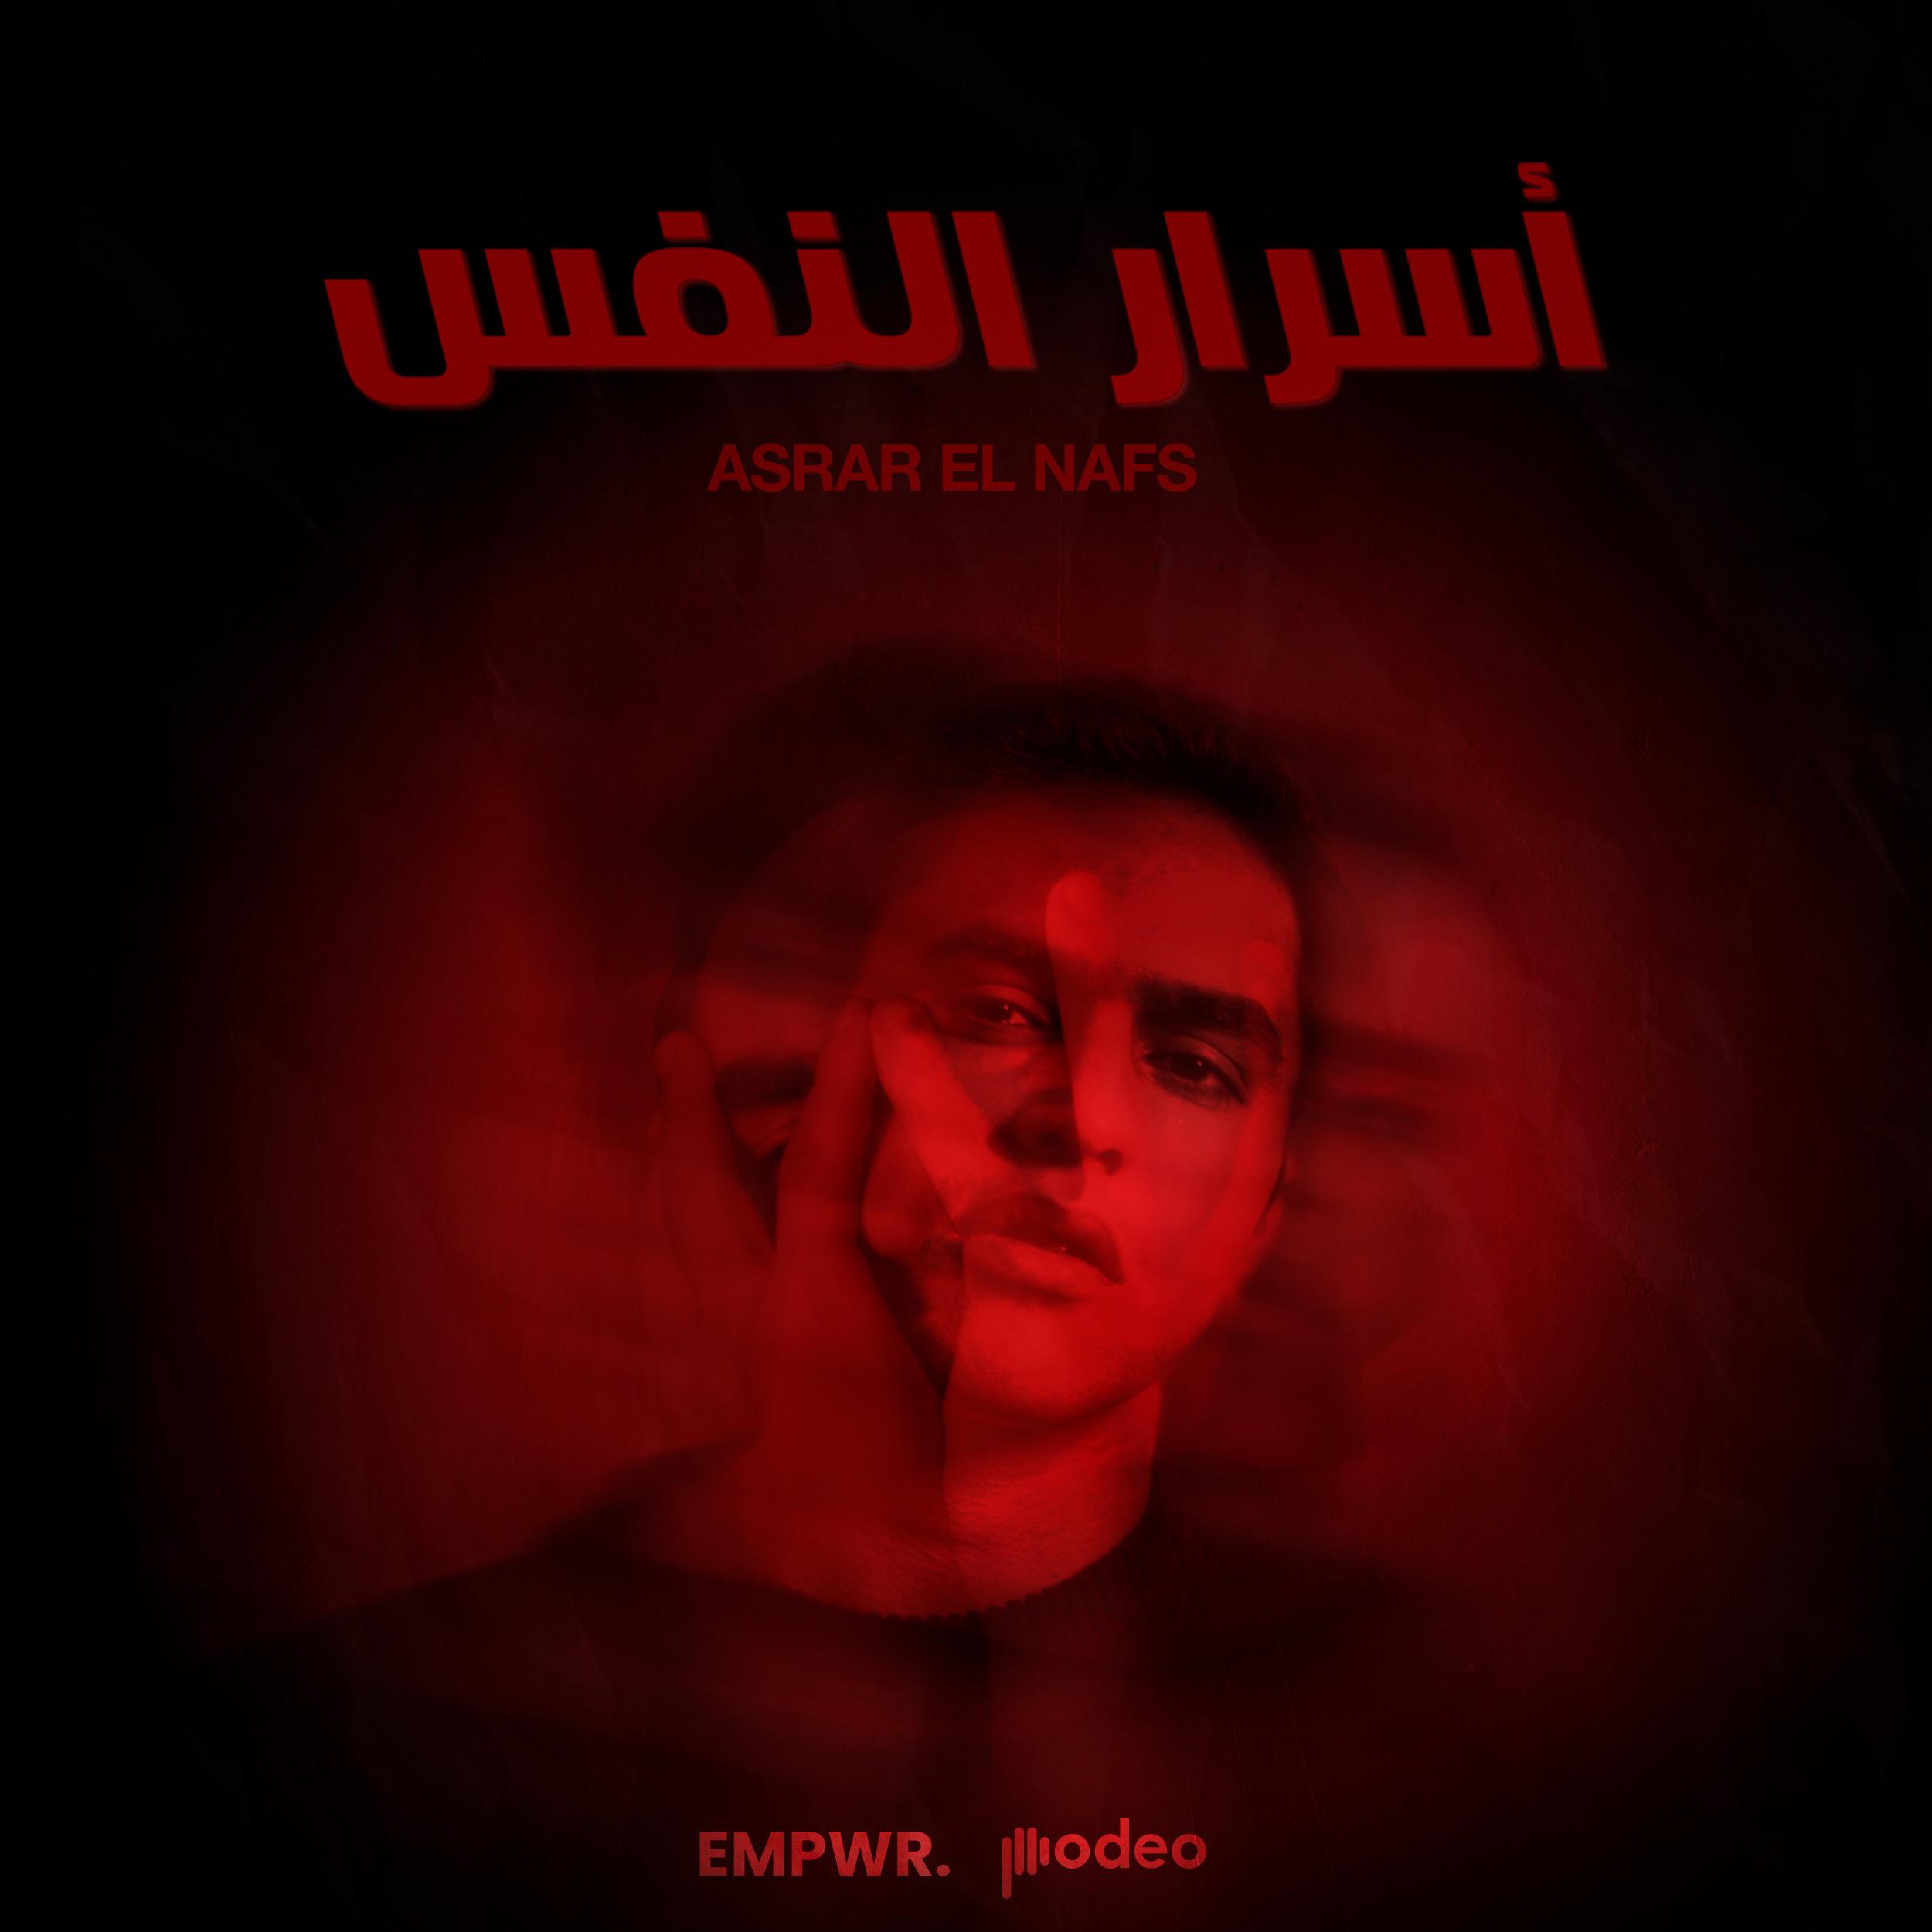 Asrar El Nafs